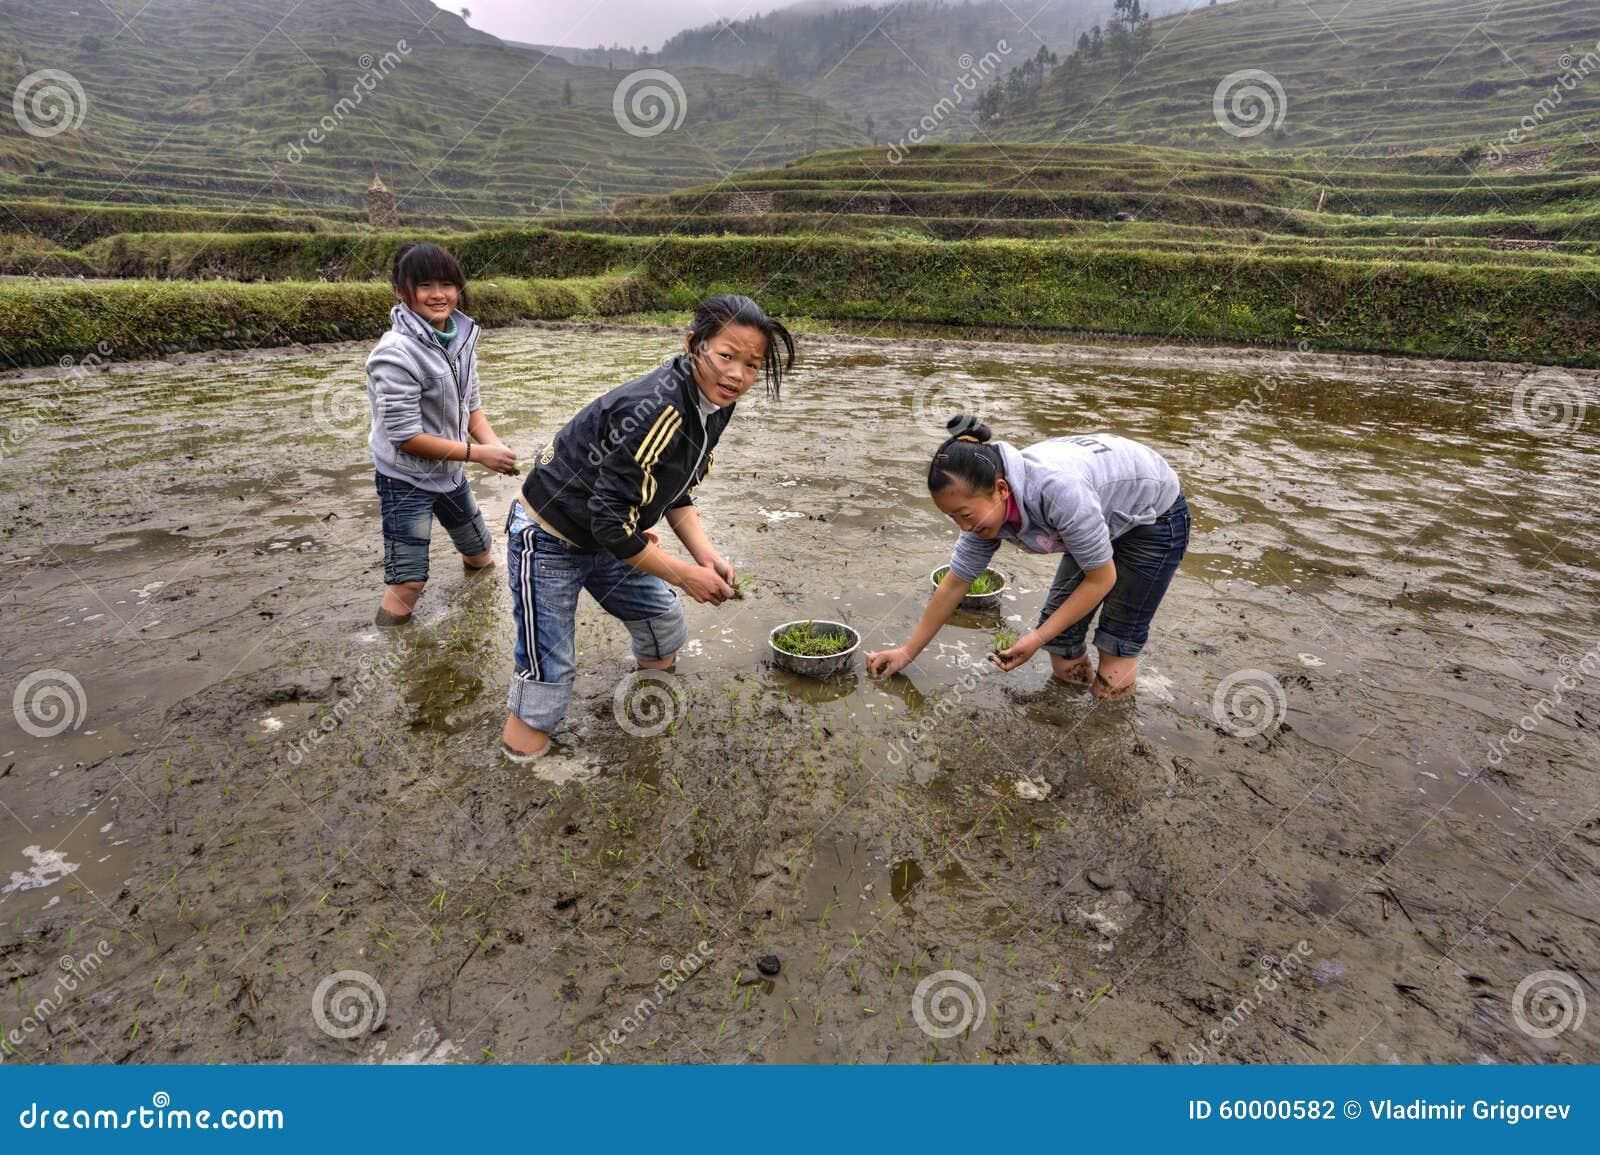 art-asian-rice-girls-girls-pics-teen